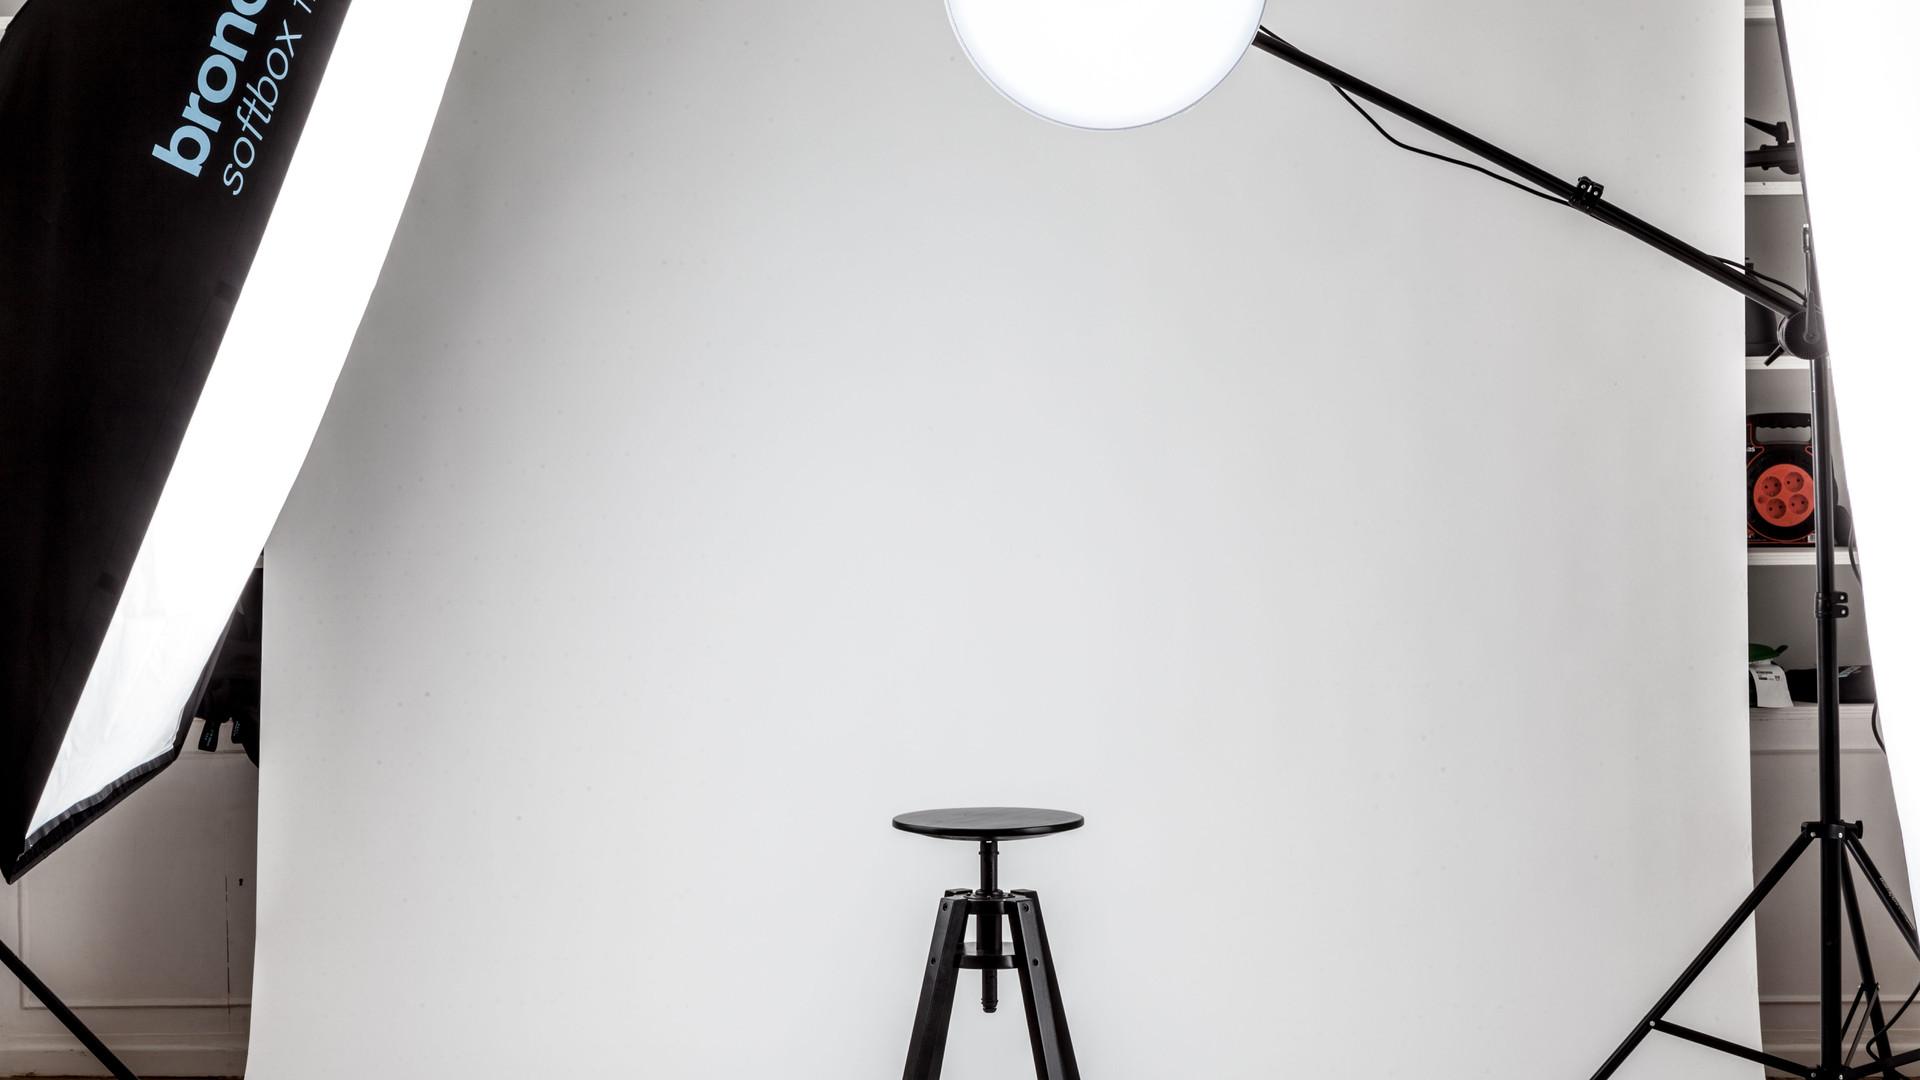 στούντιο φωτογραφίας εξοπλισμός στούντιο